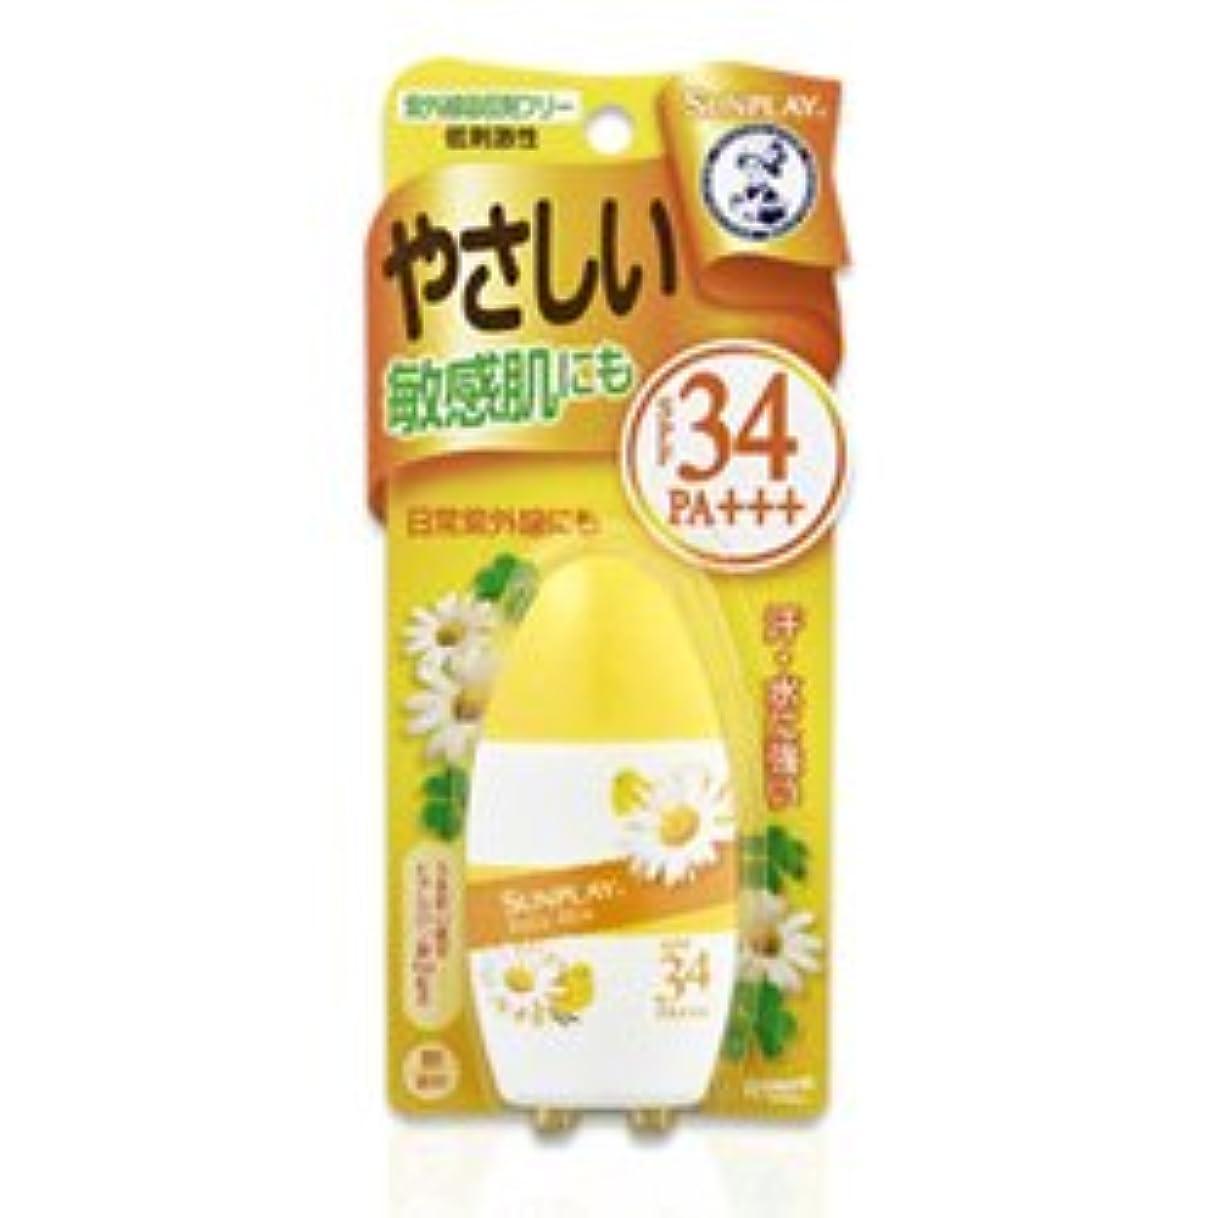 ぞっとするような変換する独特の【ロート製薬】メンソレータム サンプレイ ベビーミルク 30g ×3個セット